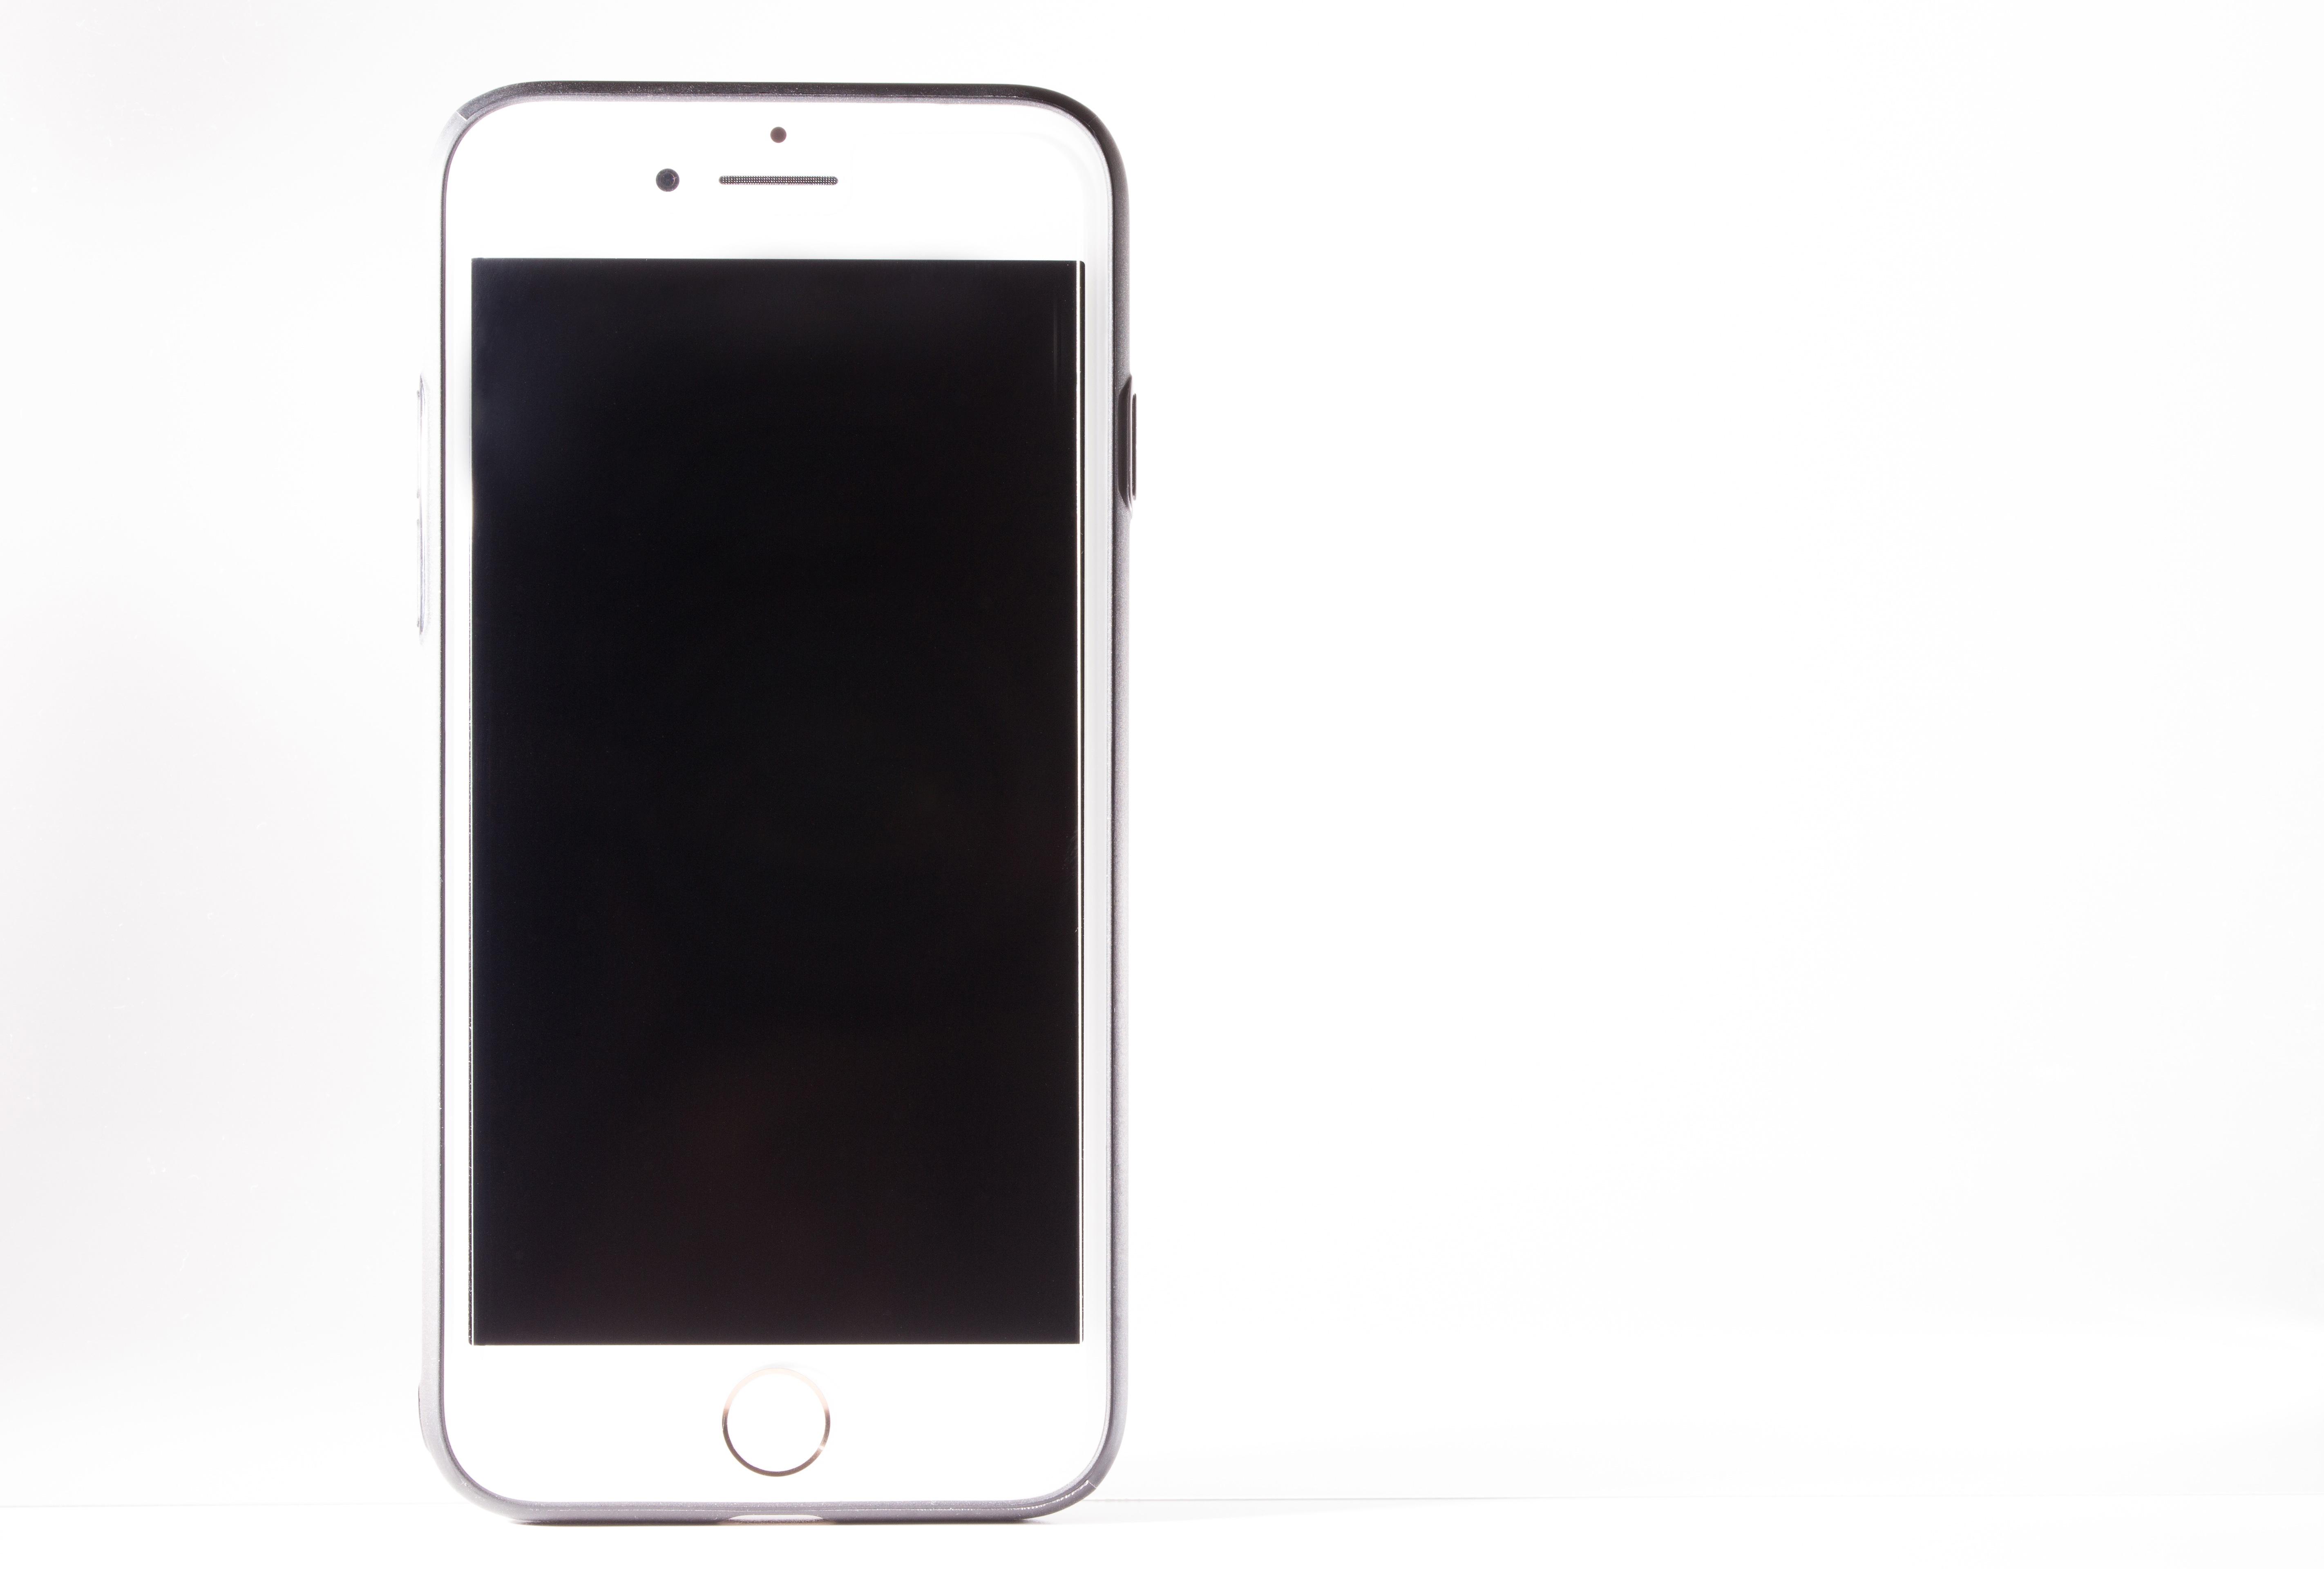 白背景とスマートフォン無料の写真素材はフリー素材のぱくたそ